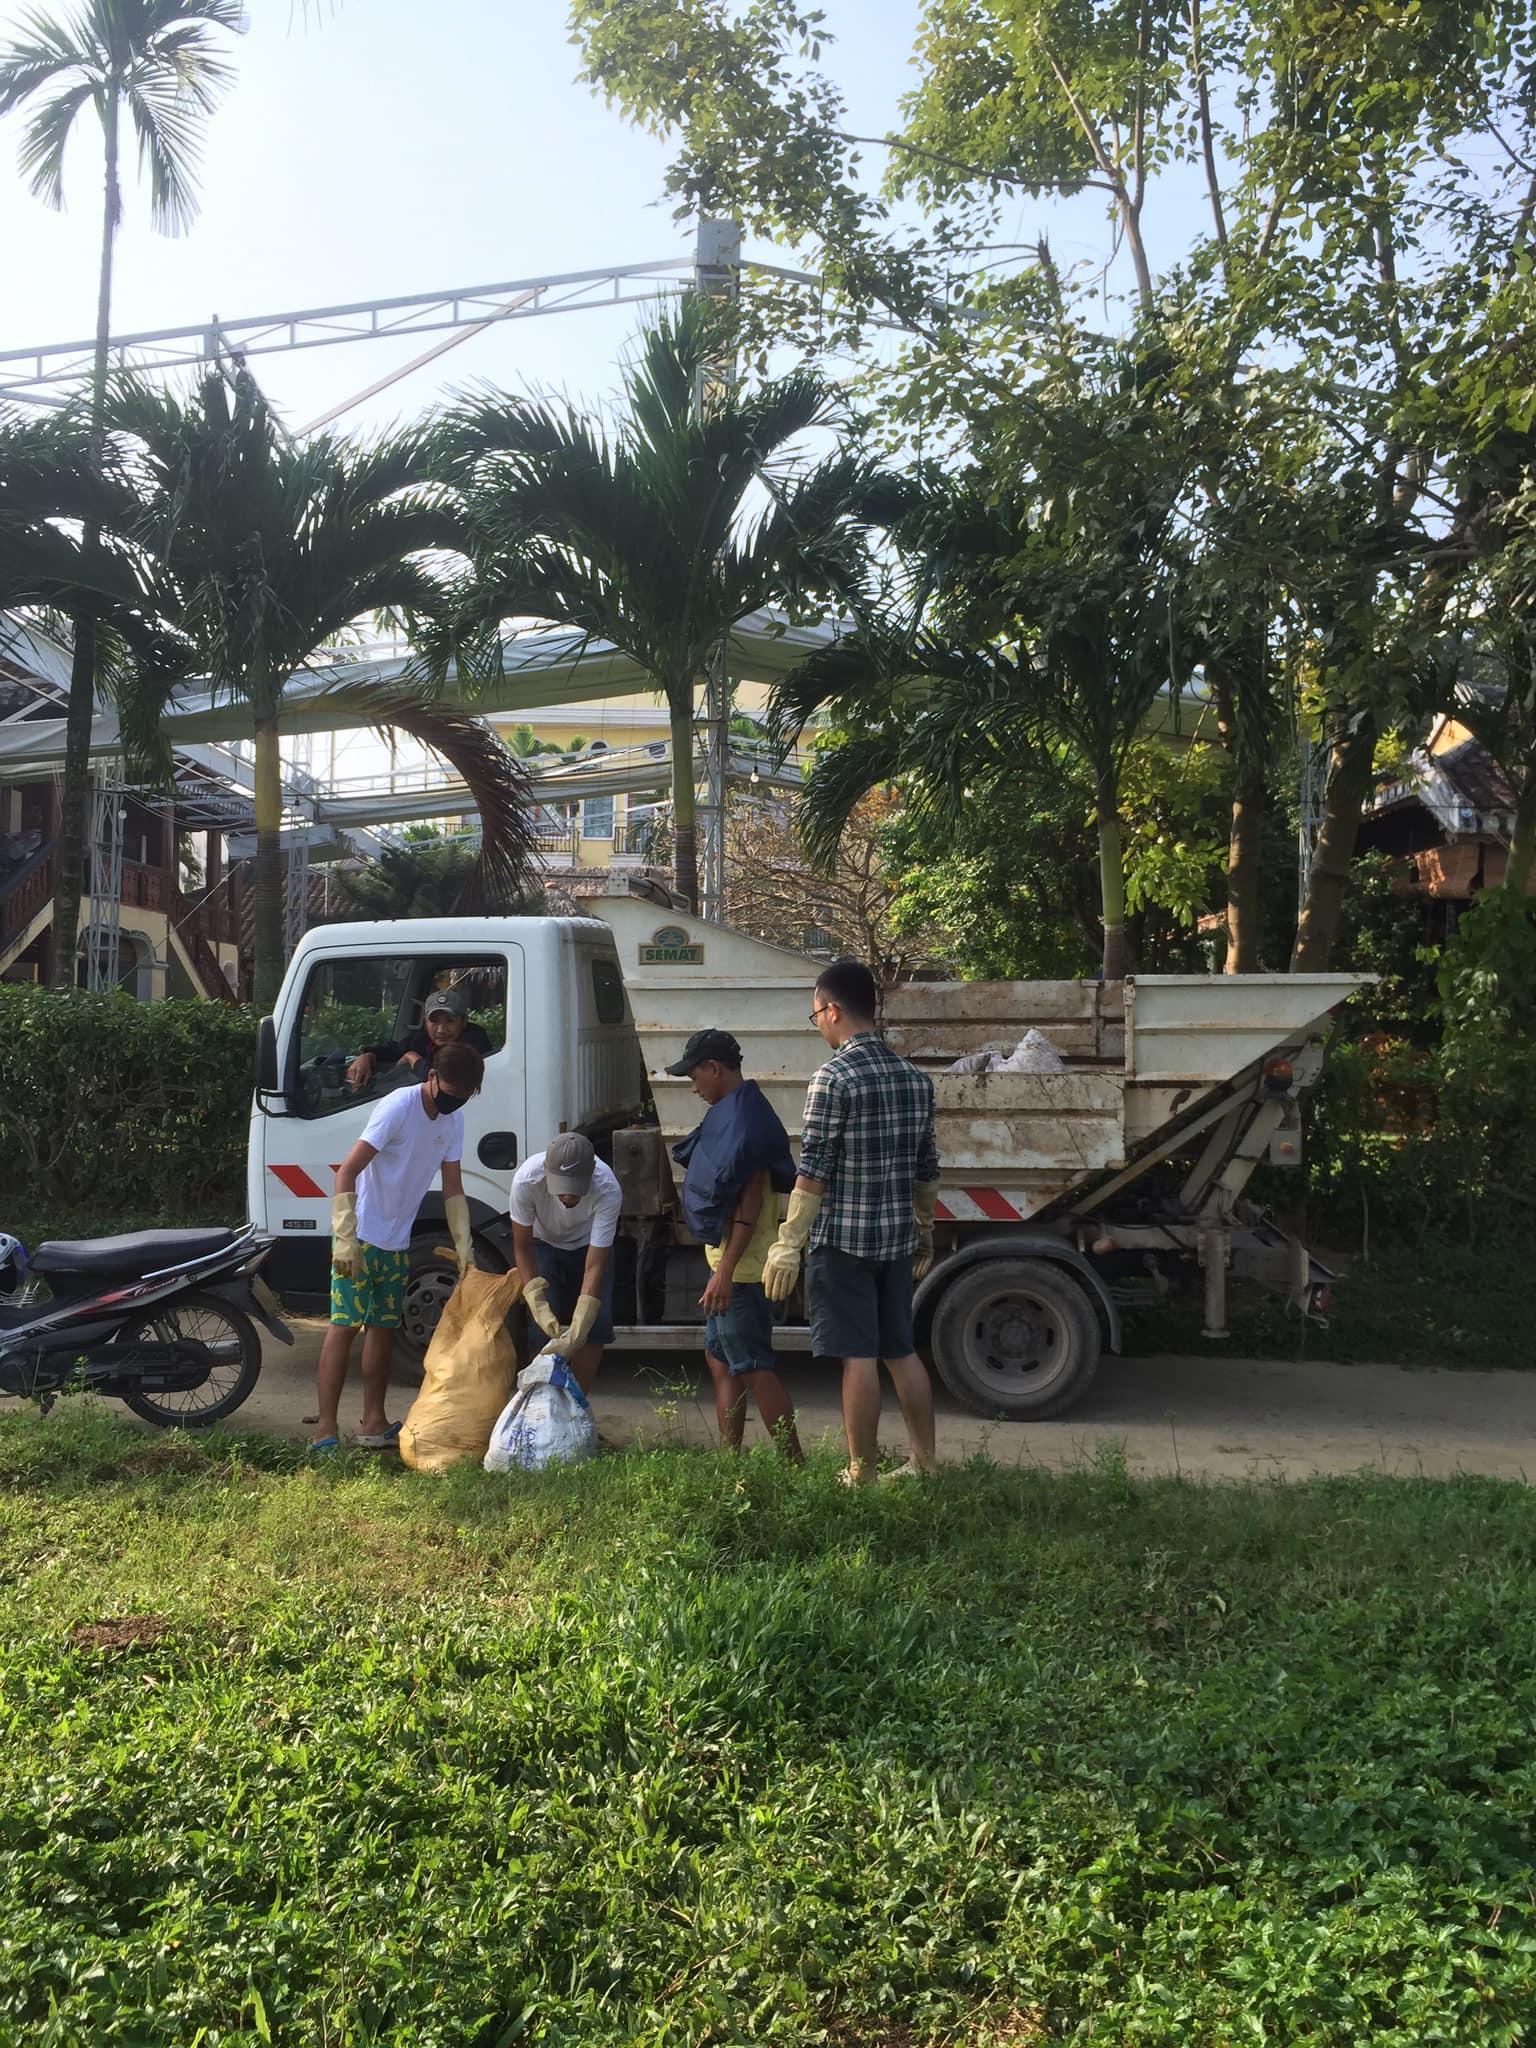 Tập kết rác lên xe chuyên chở về nơi xử lý đúng quy định